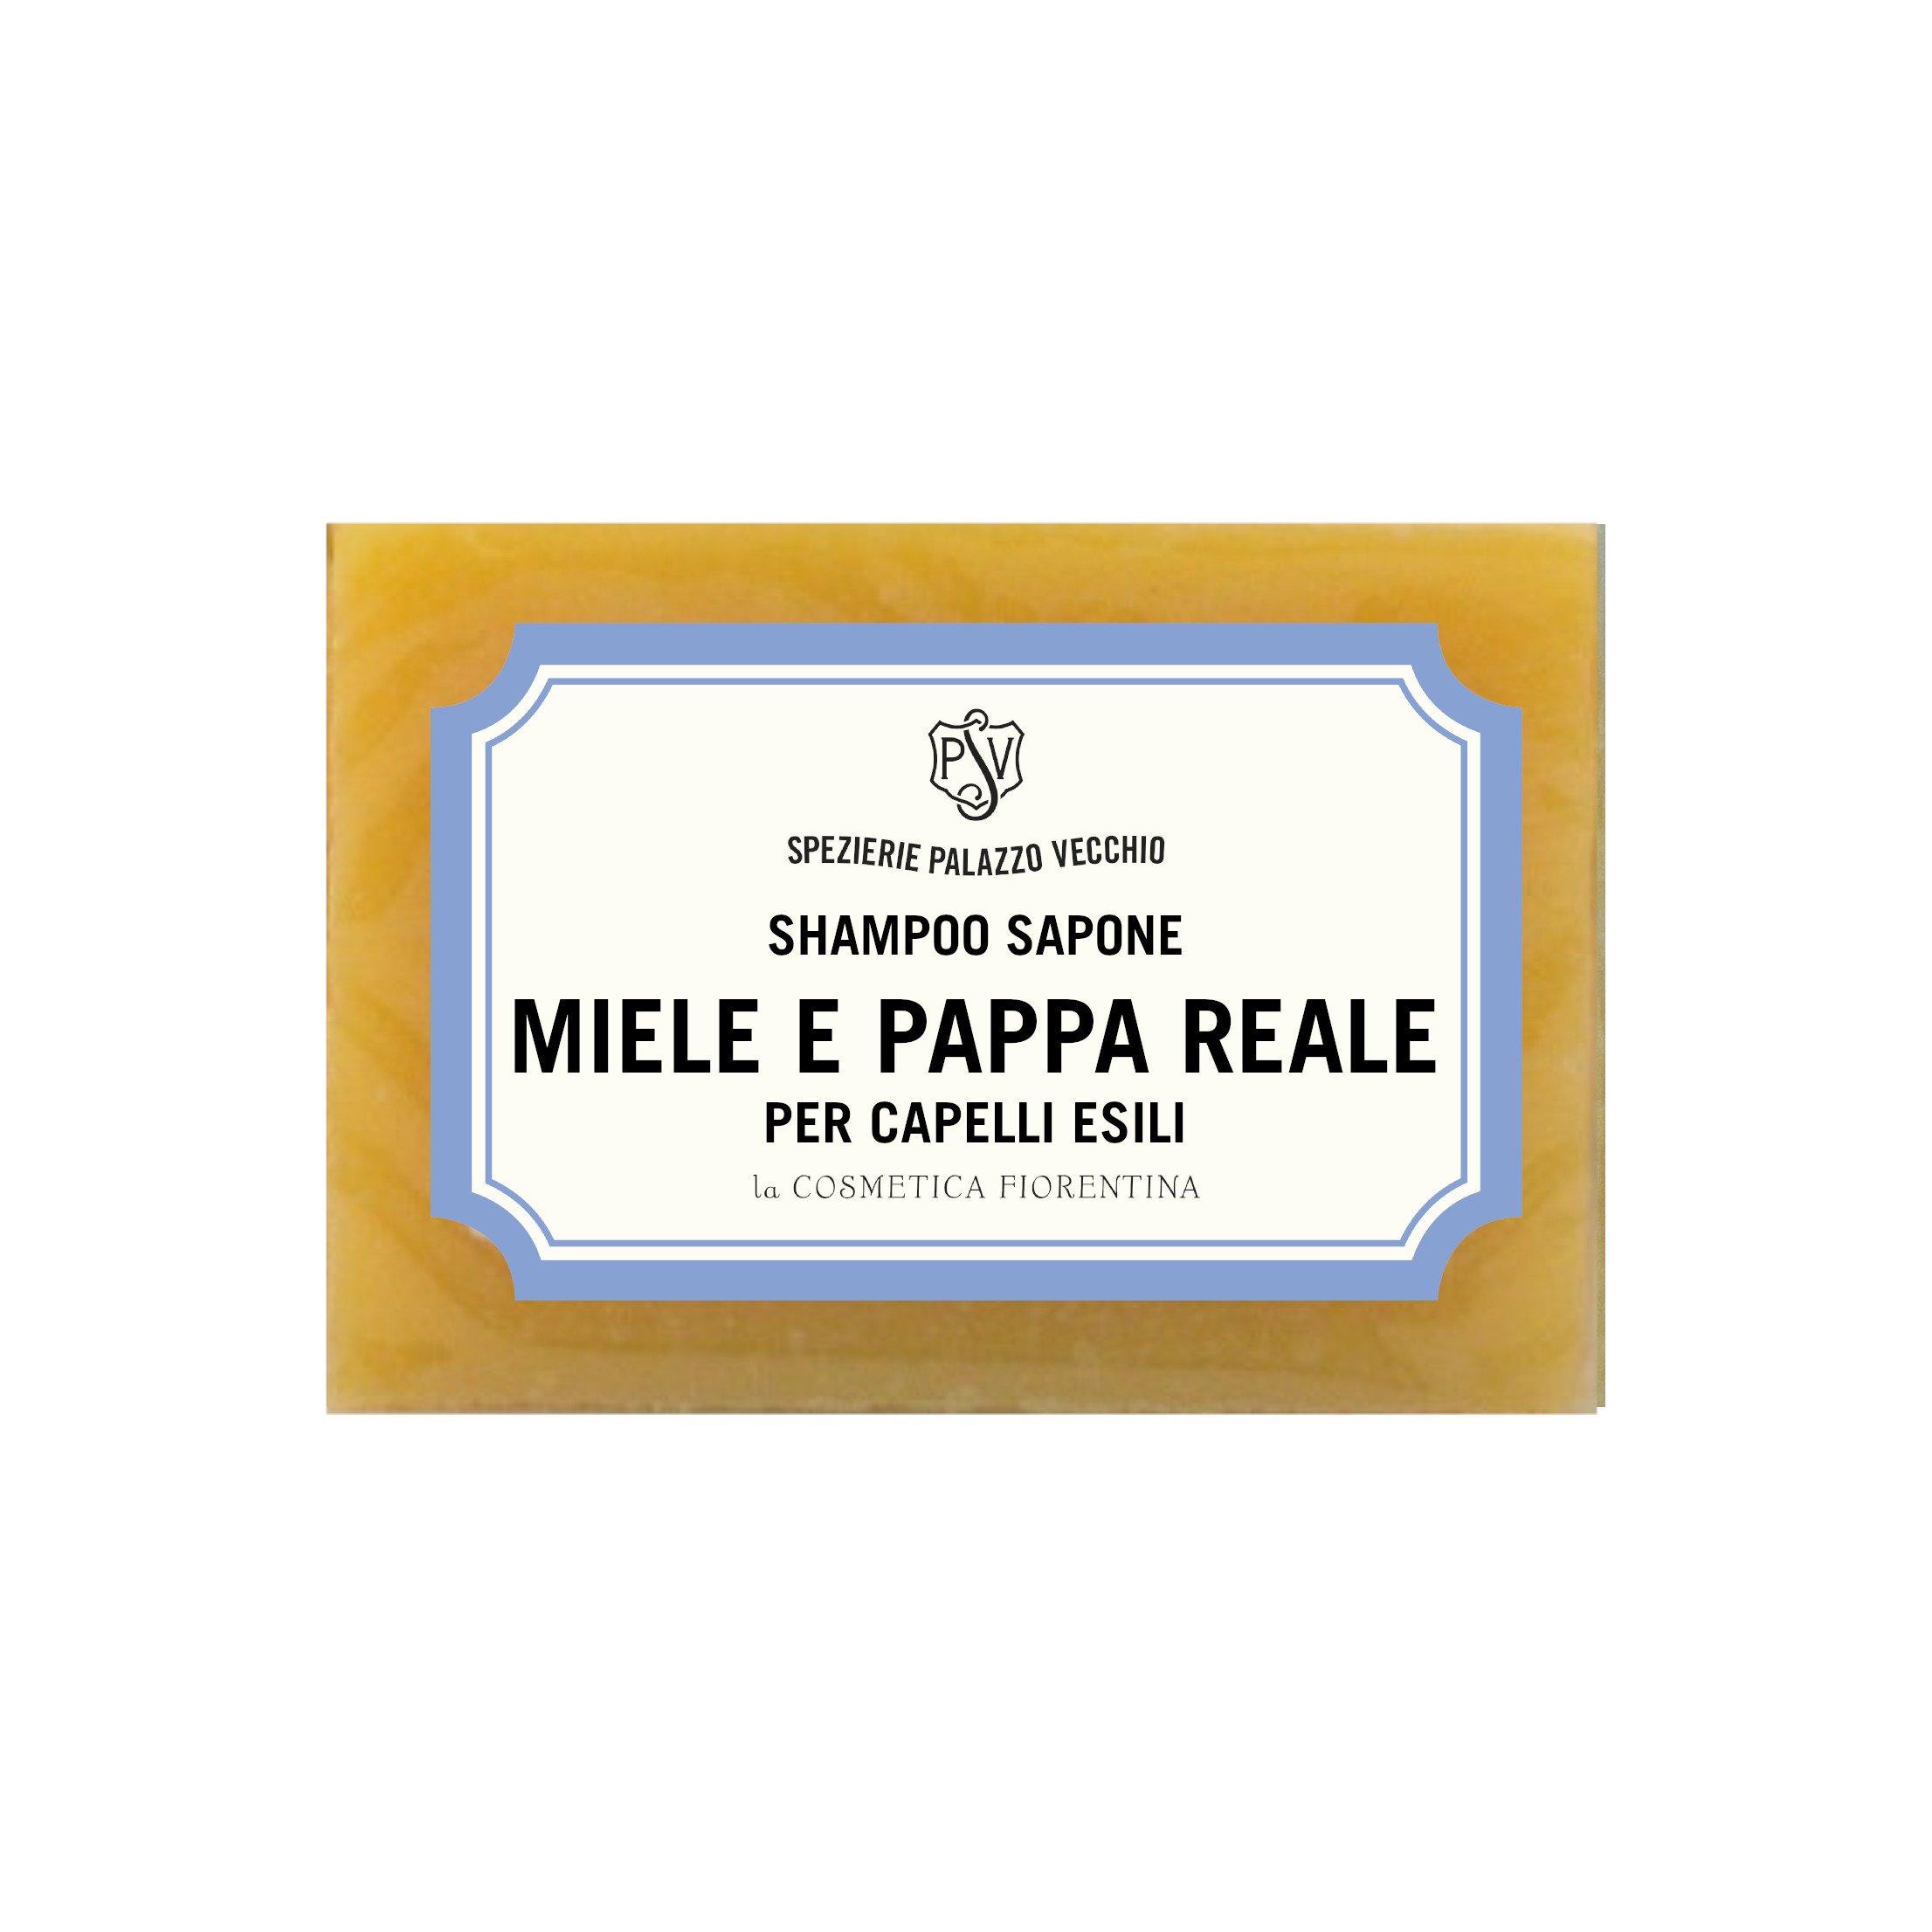 MIELE E PAPPA REALE BIOSHAMPOO BAR SOAP-0